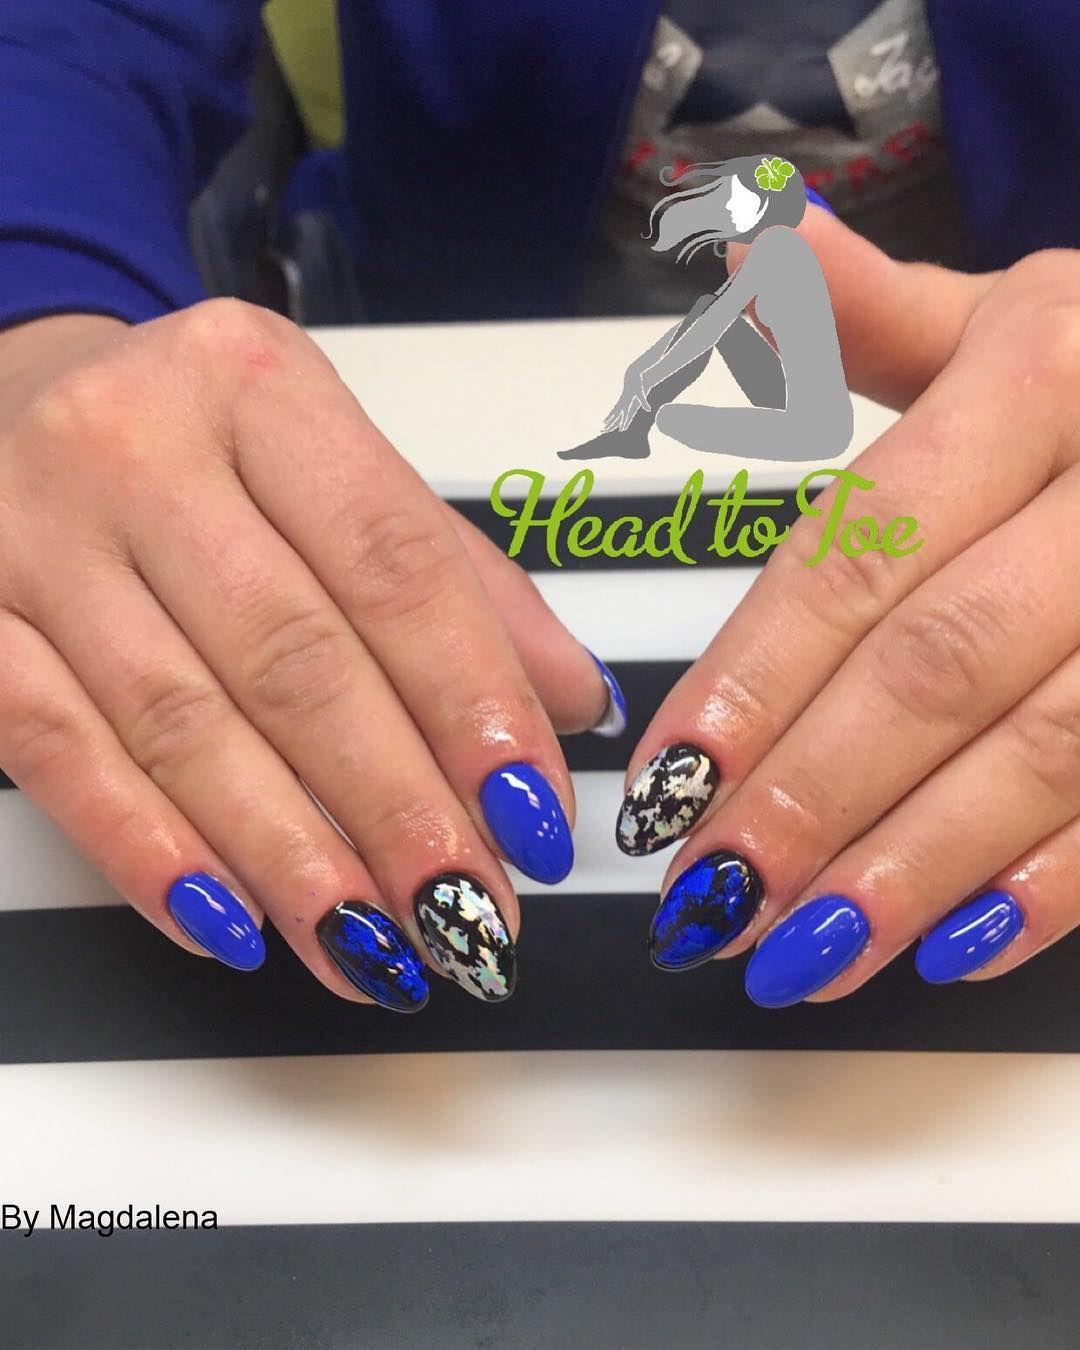 Nails Nailsalon Paznokcie Paznokciehybrydowe Paznokciezelowe Nailadict Naillover Nails Nailsalon Paznokcie Paznokciehybrydowe P Forex Trading Strategies Nails Trading Strategies